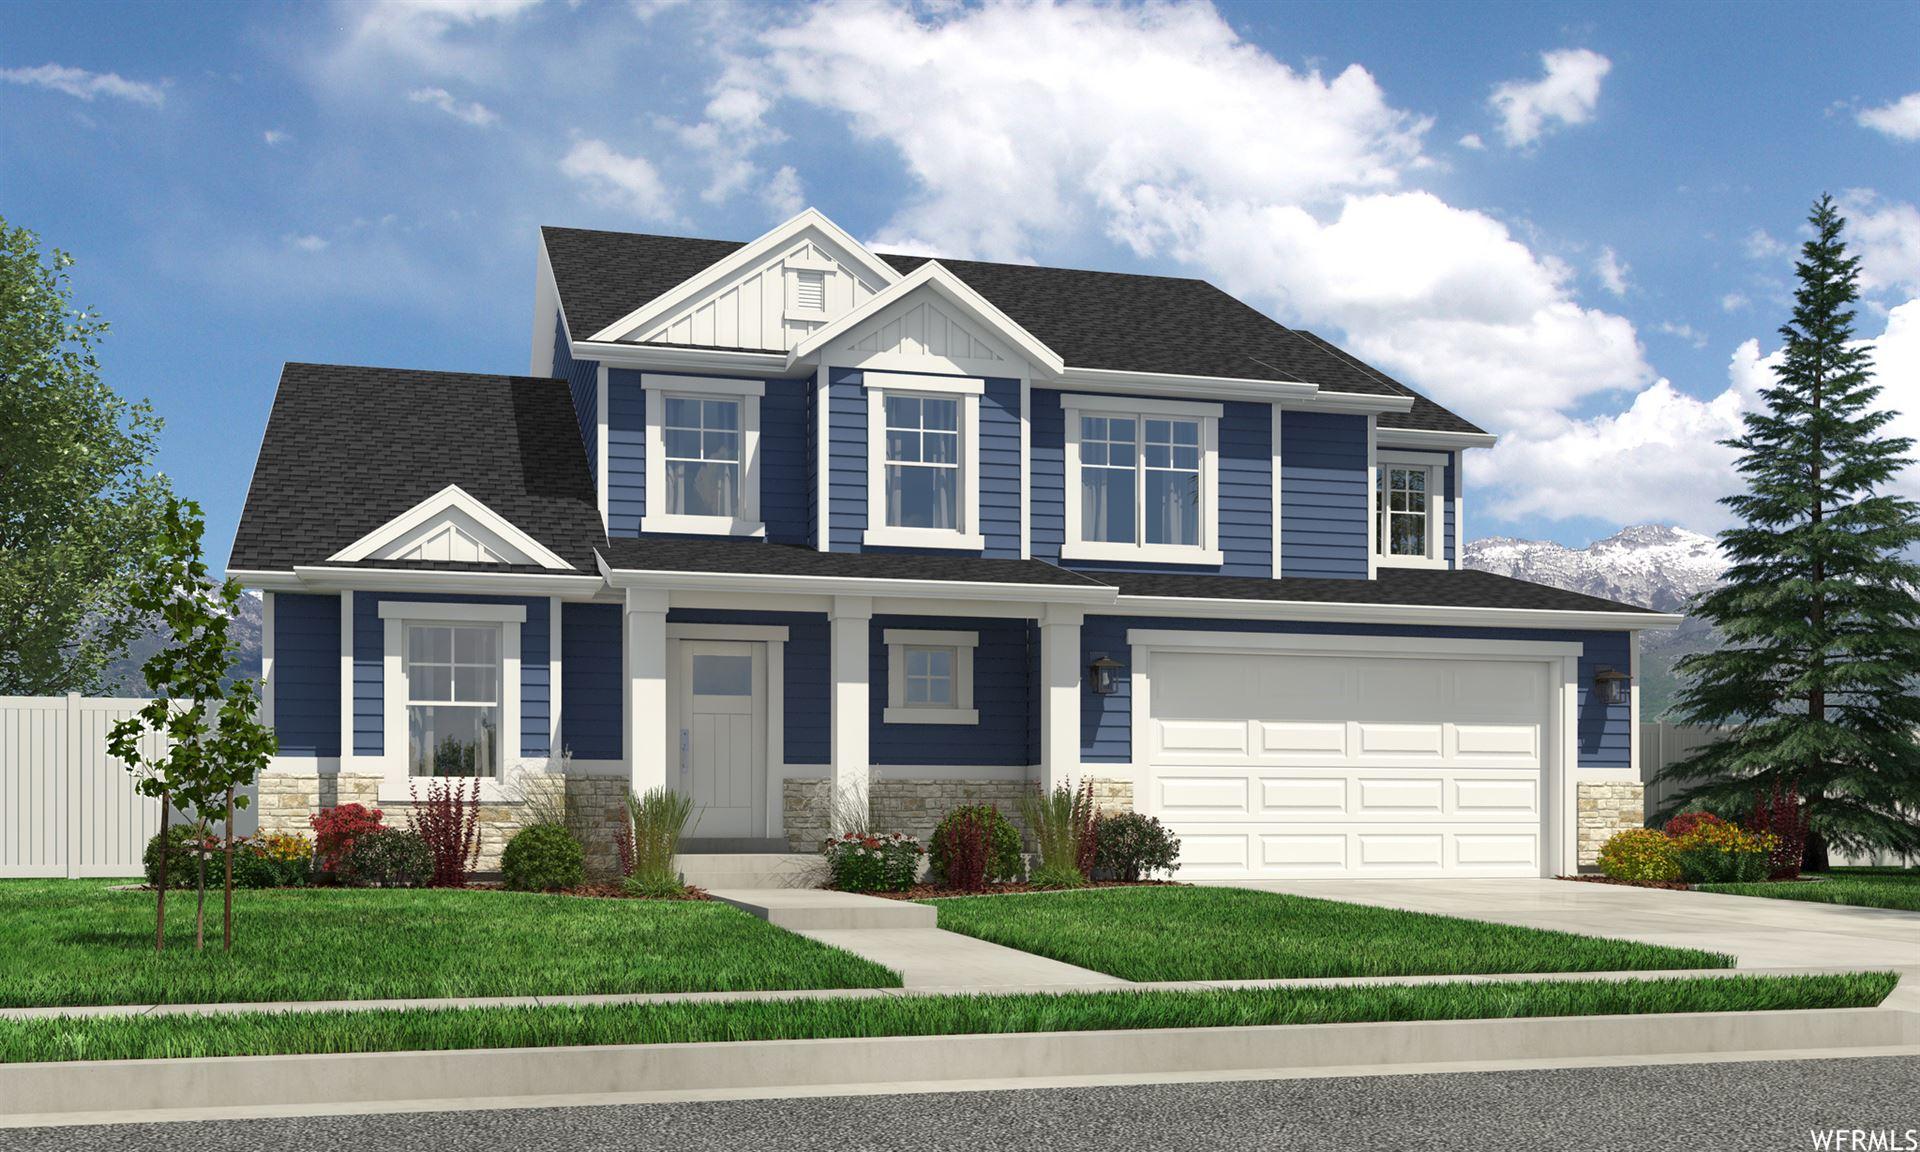 Photo of 1493 N 540 W #231, Saratoga Springs, UT 84043 (MLS # 1756679)